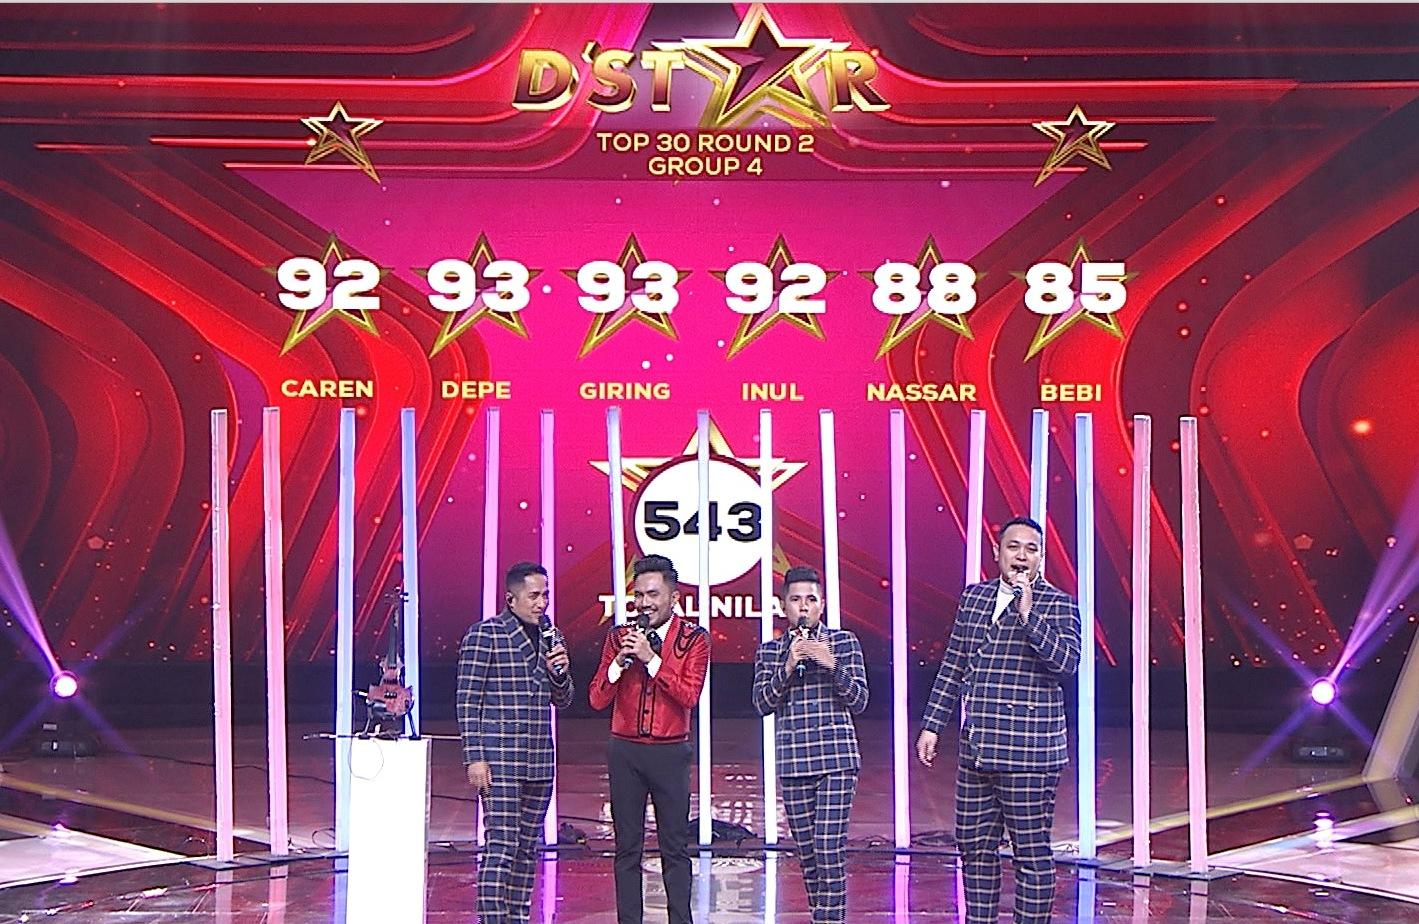 Habib Menempati Posisi Pertama Pada Panggung D'Star Top 30 Round 2 Group 4